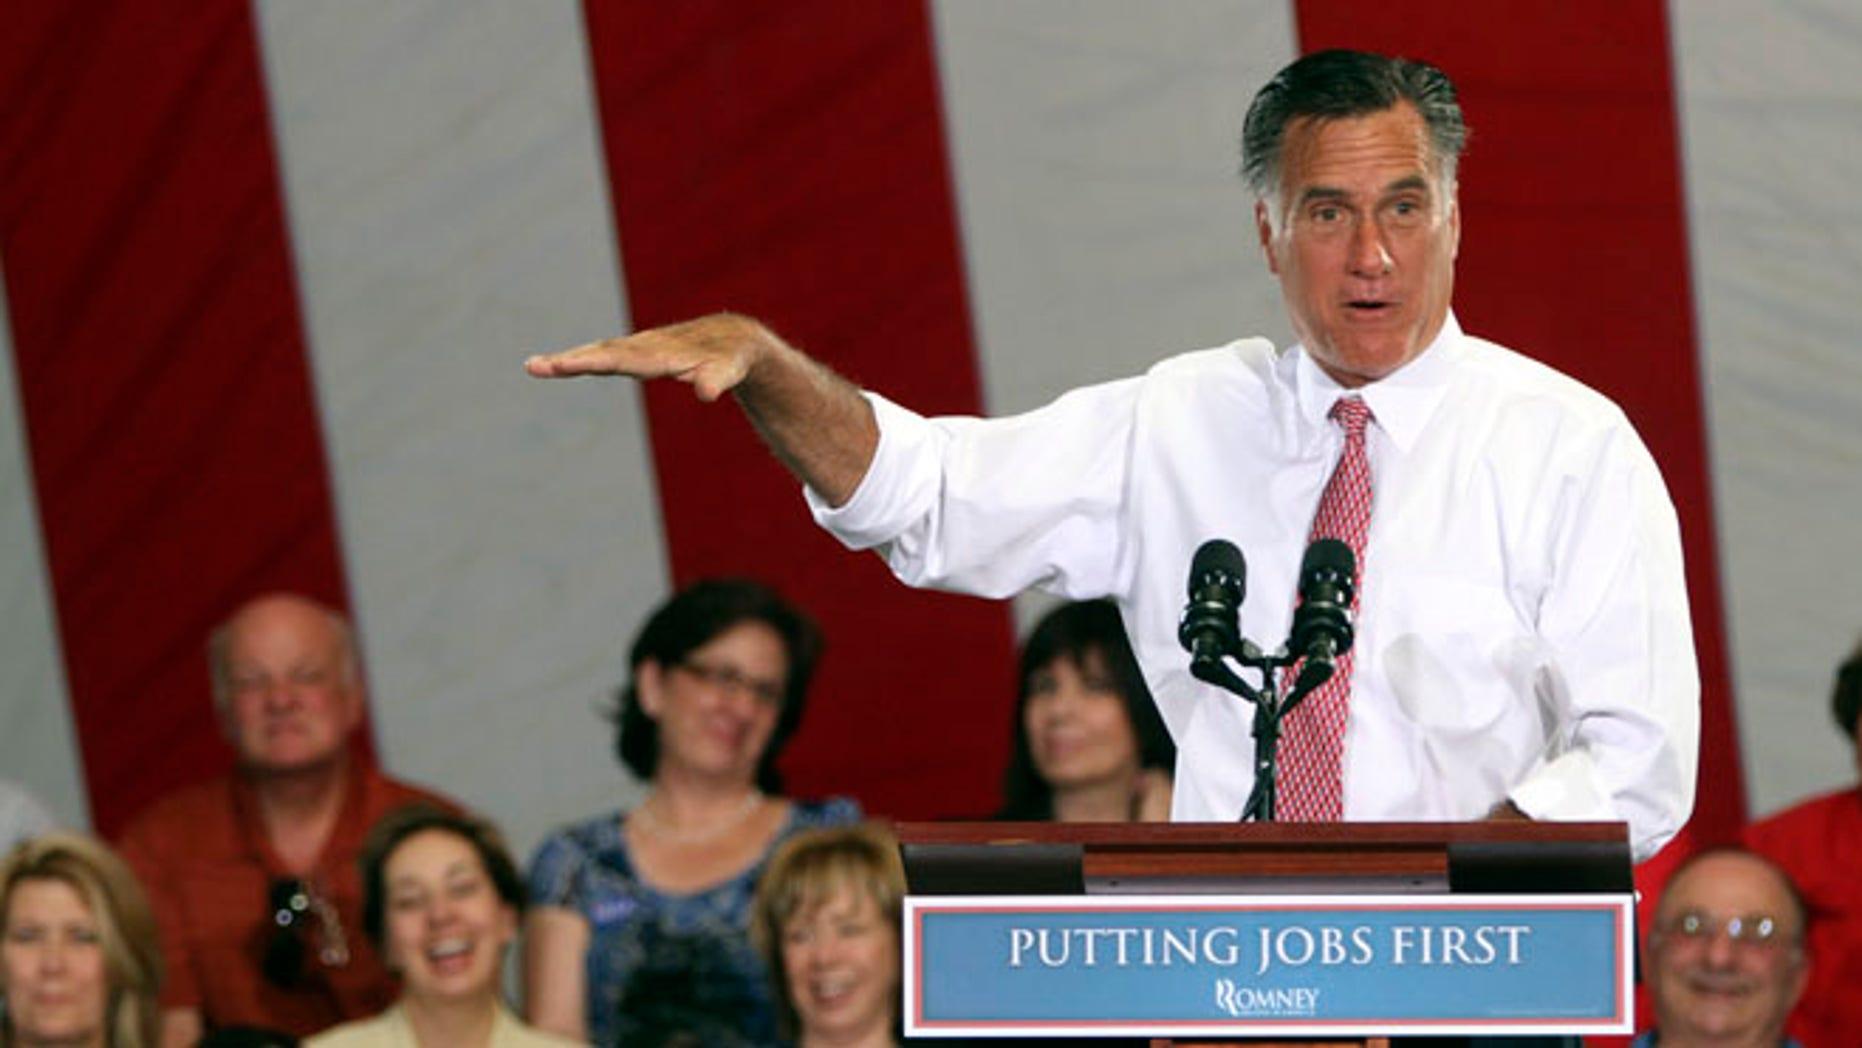 May 29, 2012: Mitt Romney speaks in Las Vegas.